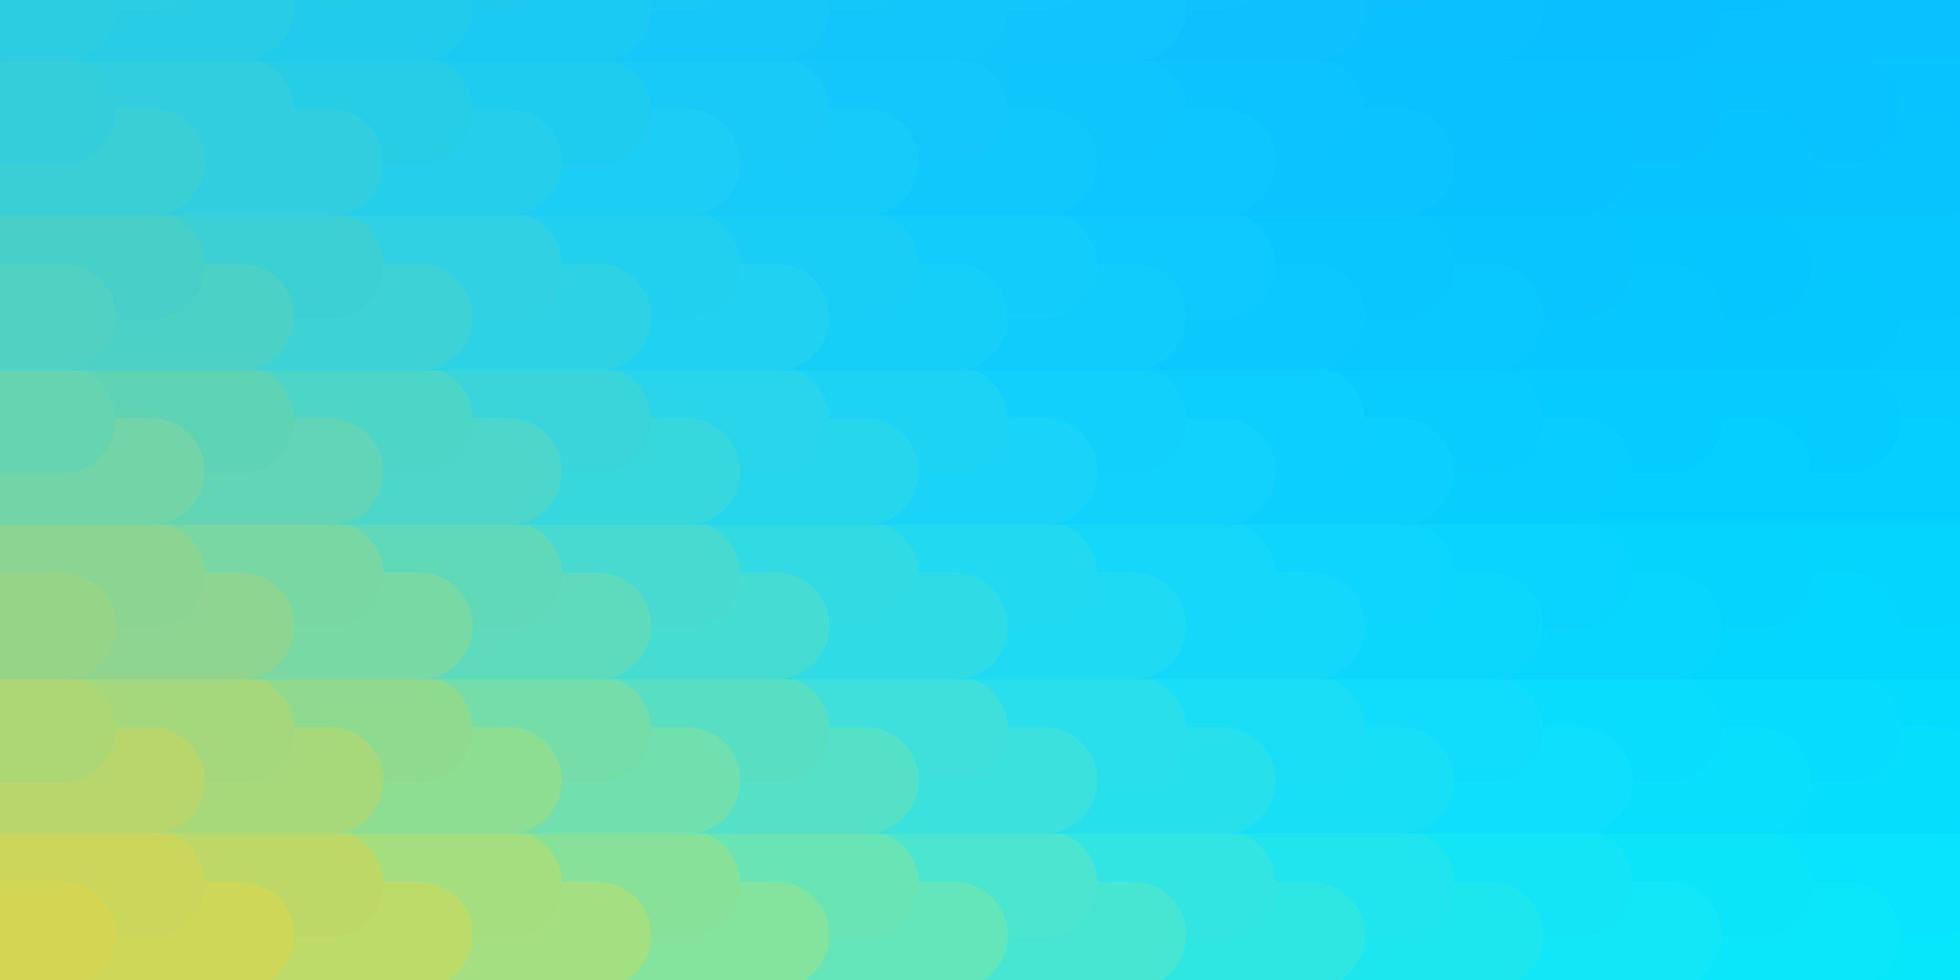 fond de vecteur bleu clair, jaune avec des lignes.